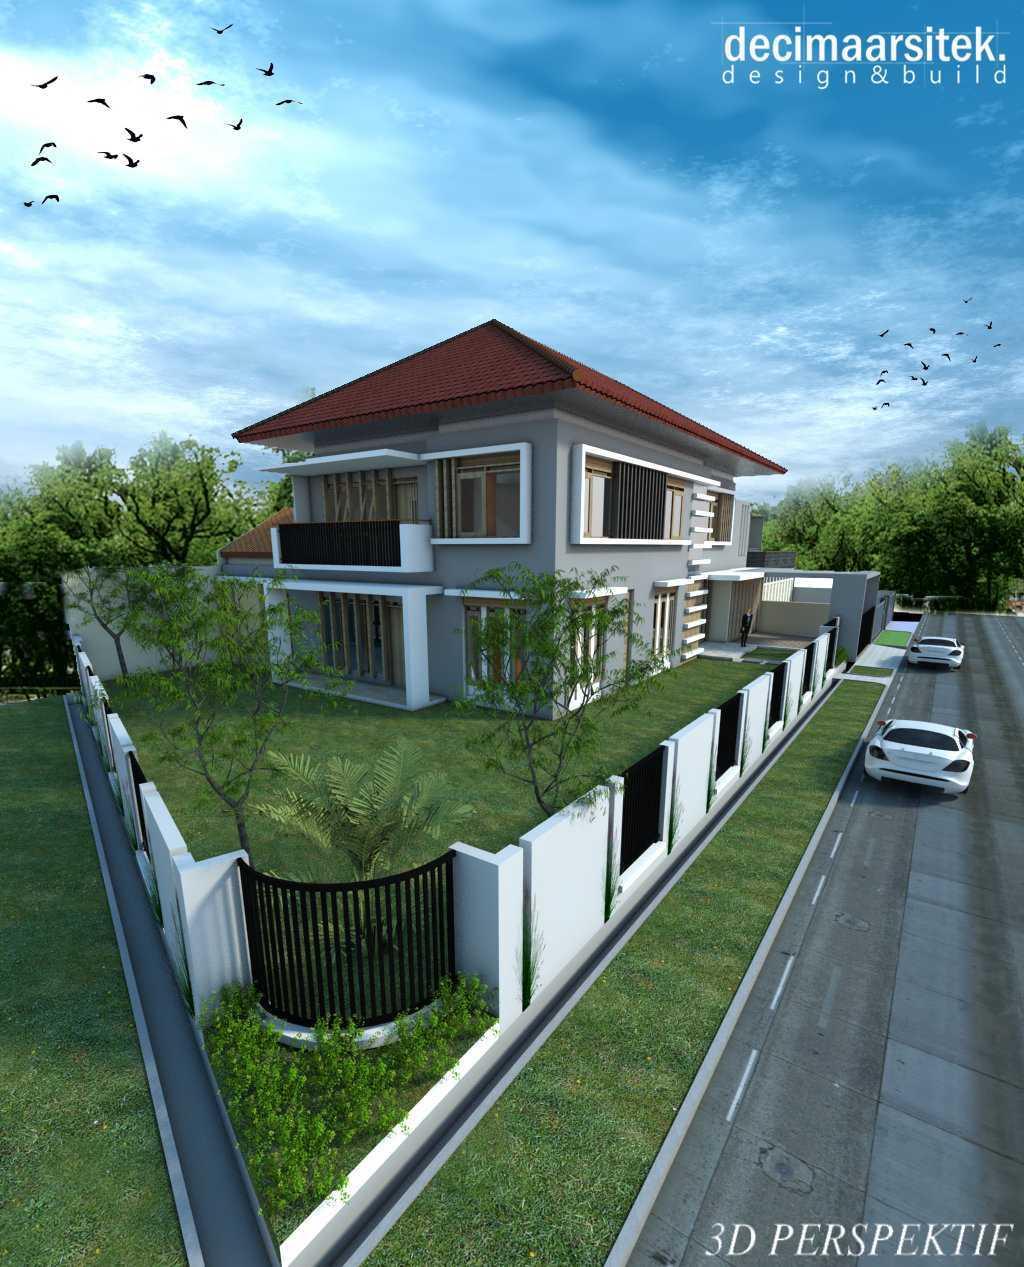 Studio Decima Arsitek Rumah Tinggal Antapani Antapani, Kota Bandung, Jawa Barat, Indonesia Antapani, Kota Bandung, Jawa Barat, Indonesia Decimaarsitek-Rumah-Tinggal-Antapani   65176